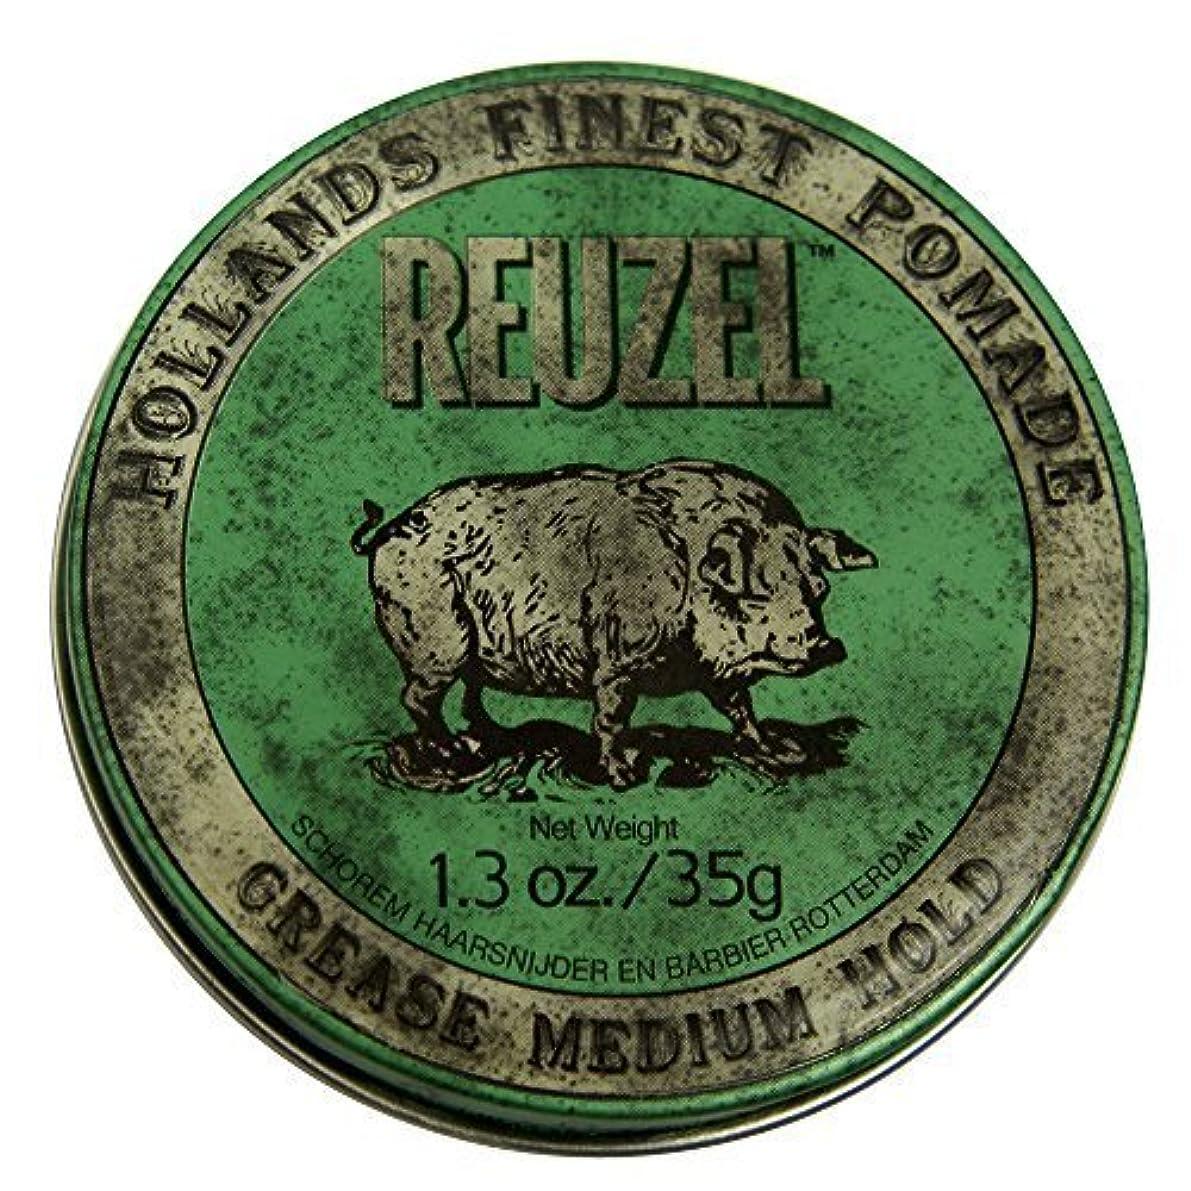 絶対に許可絶対にby Reuzel Reuzel Green Grease Medium Hold Hair Styling Pomade Piglet 1.3oz (35g) Wax/Gel [並行輸入品]